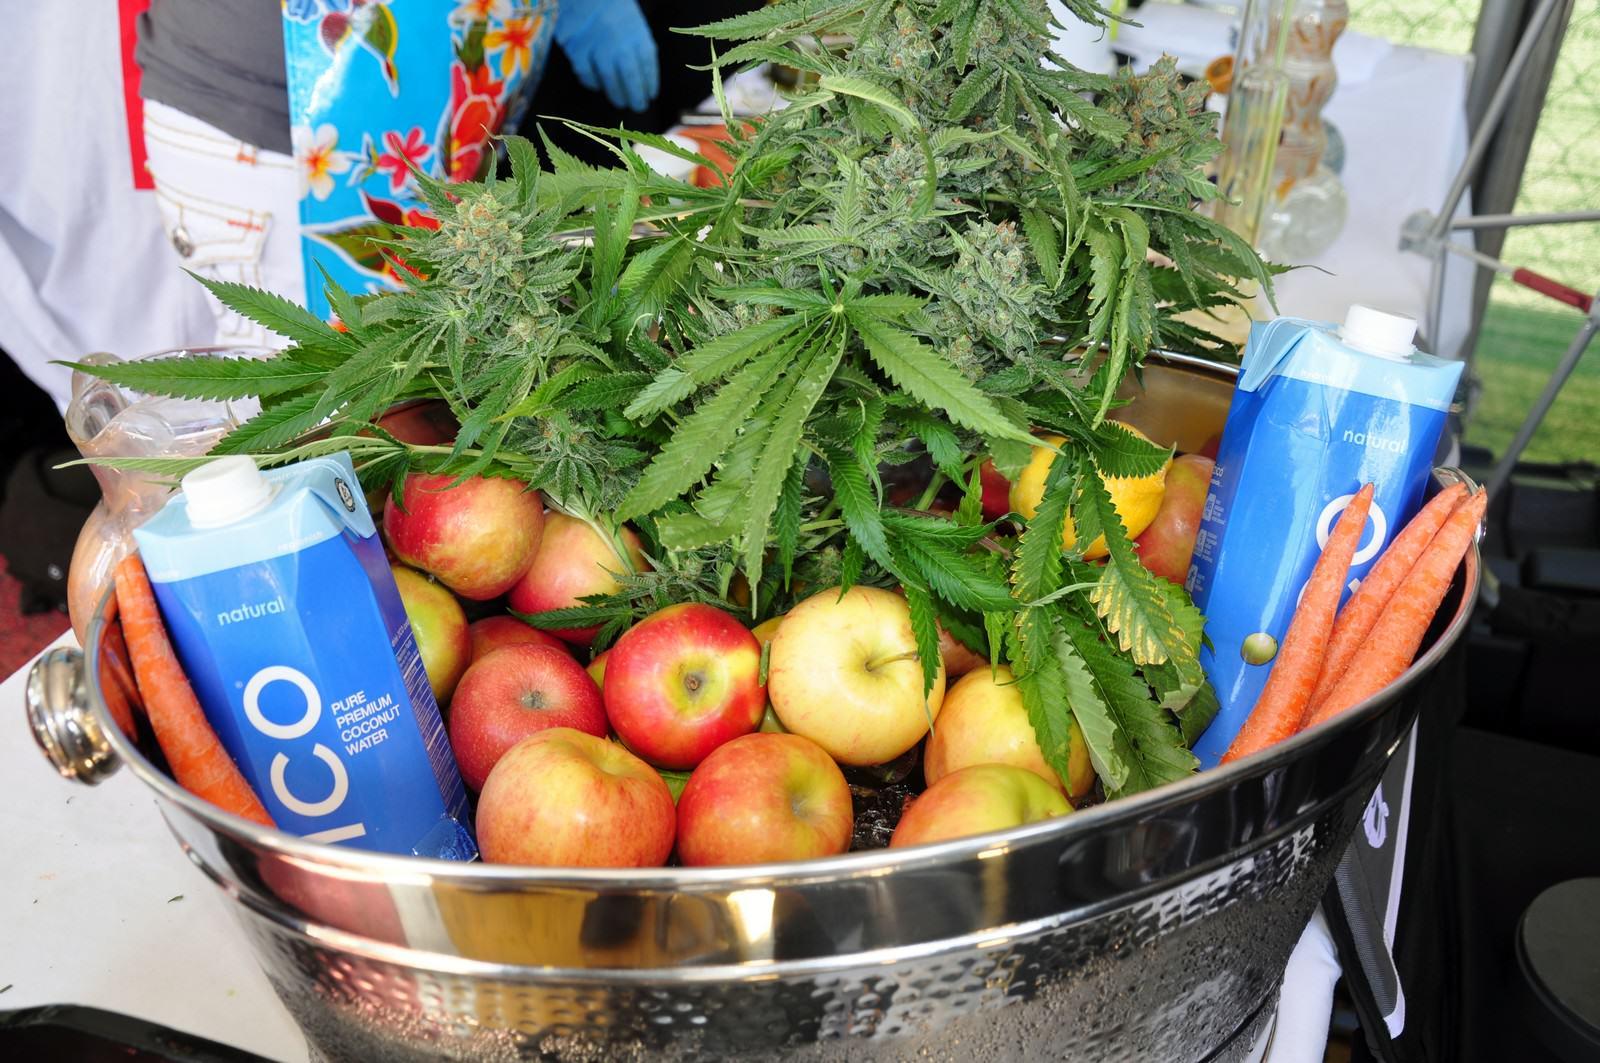 La planta de marihuana és un concentrat de nutrients essencials i cannabinoides en la seva forma àcida, és a dir, sense psicoactivitat